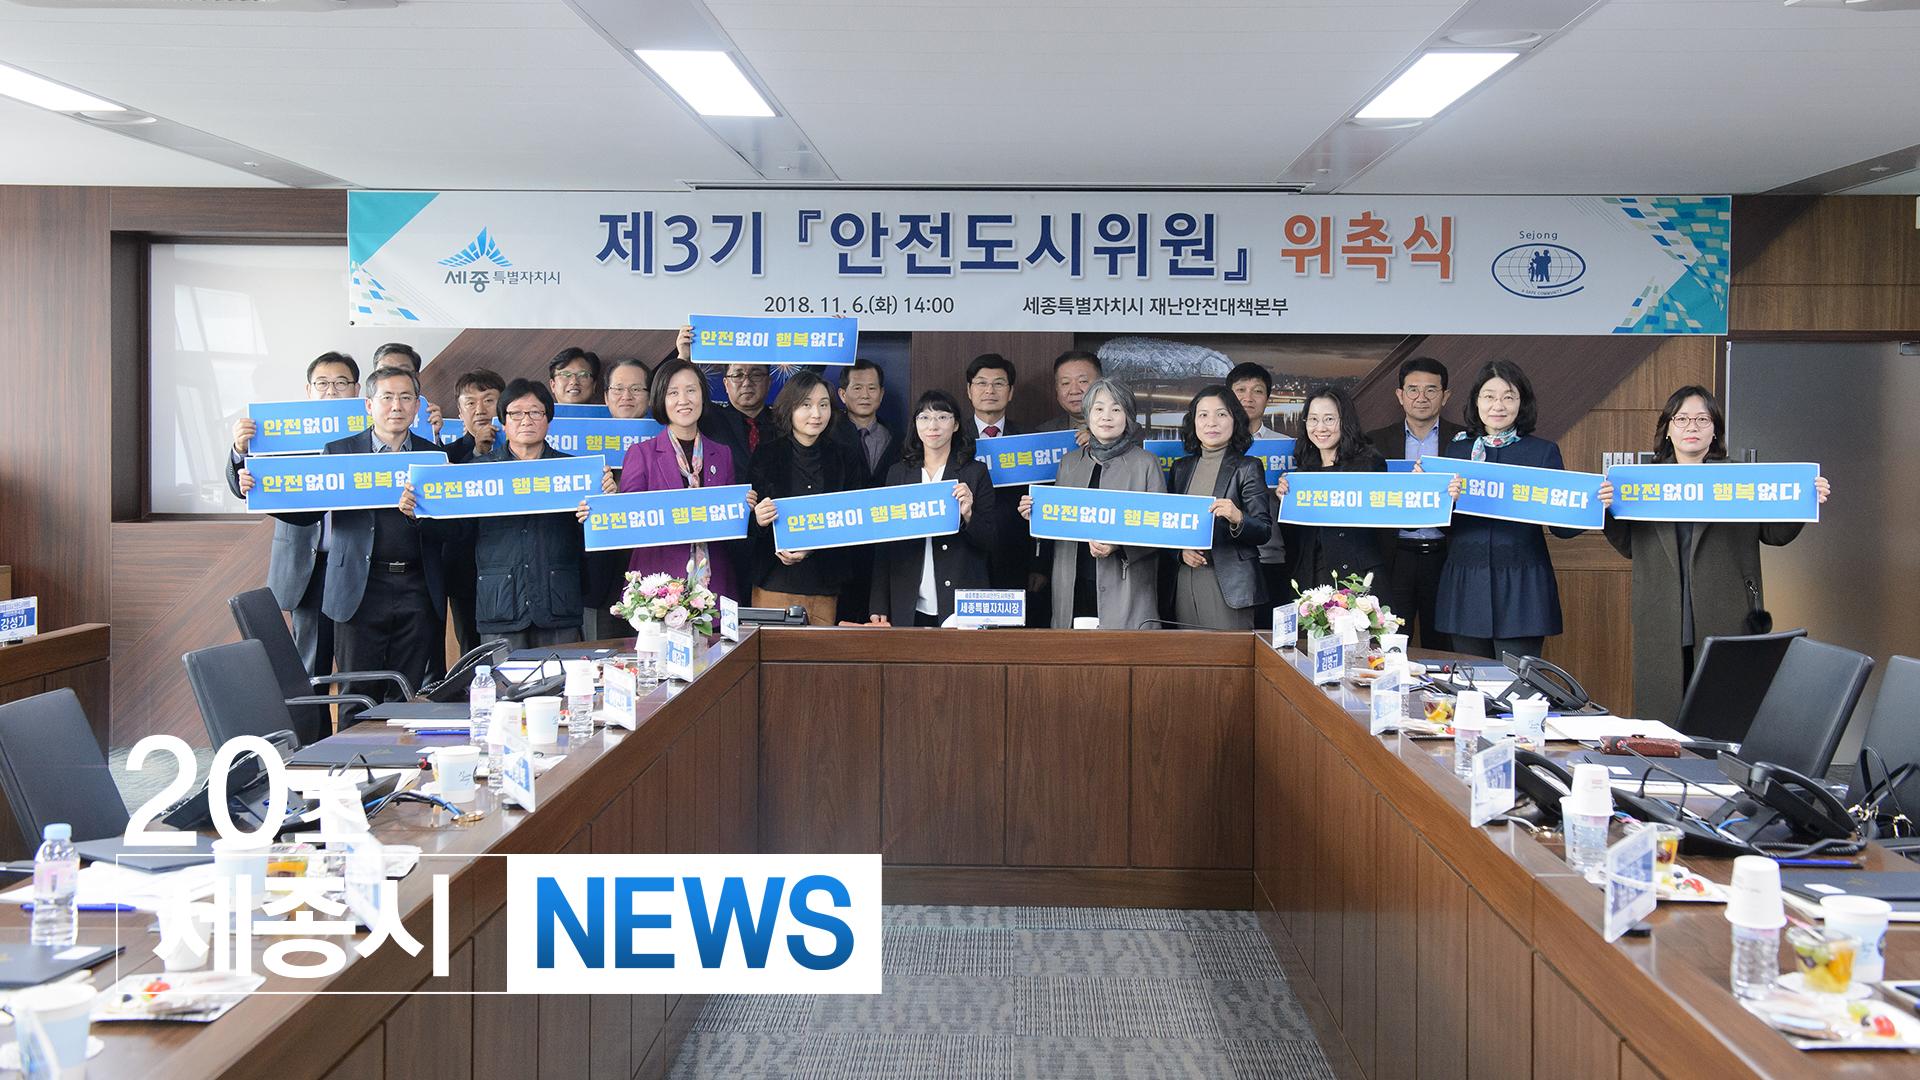 <20초뉴스> '시민 중심'제3기 안전도시위원회 활동 개시